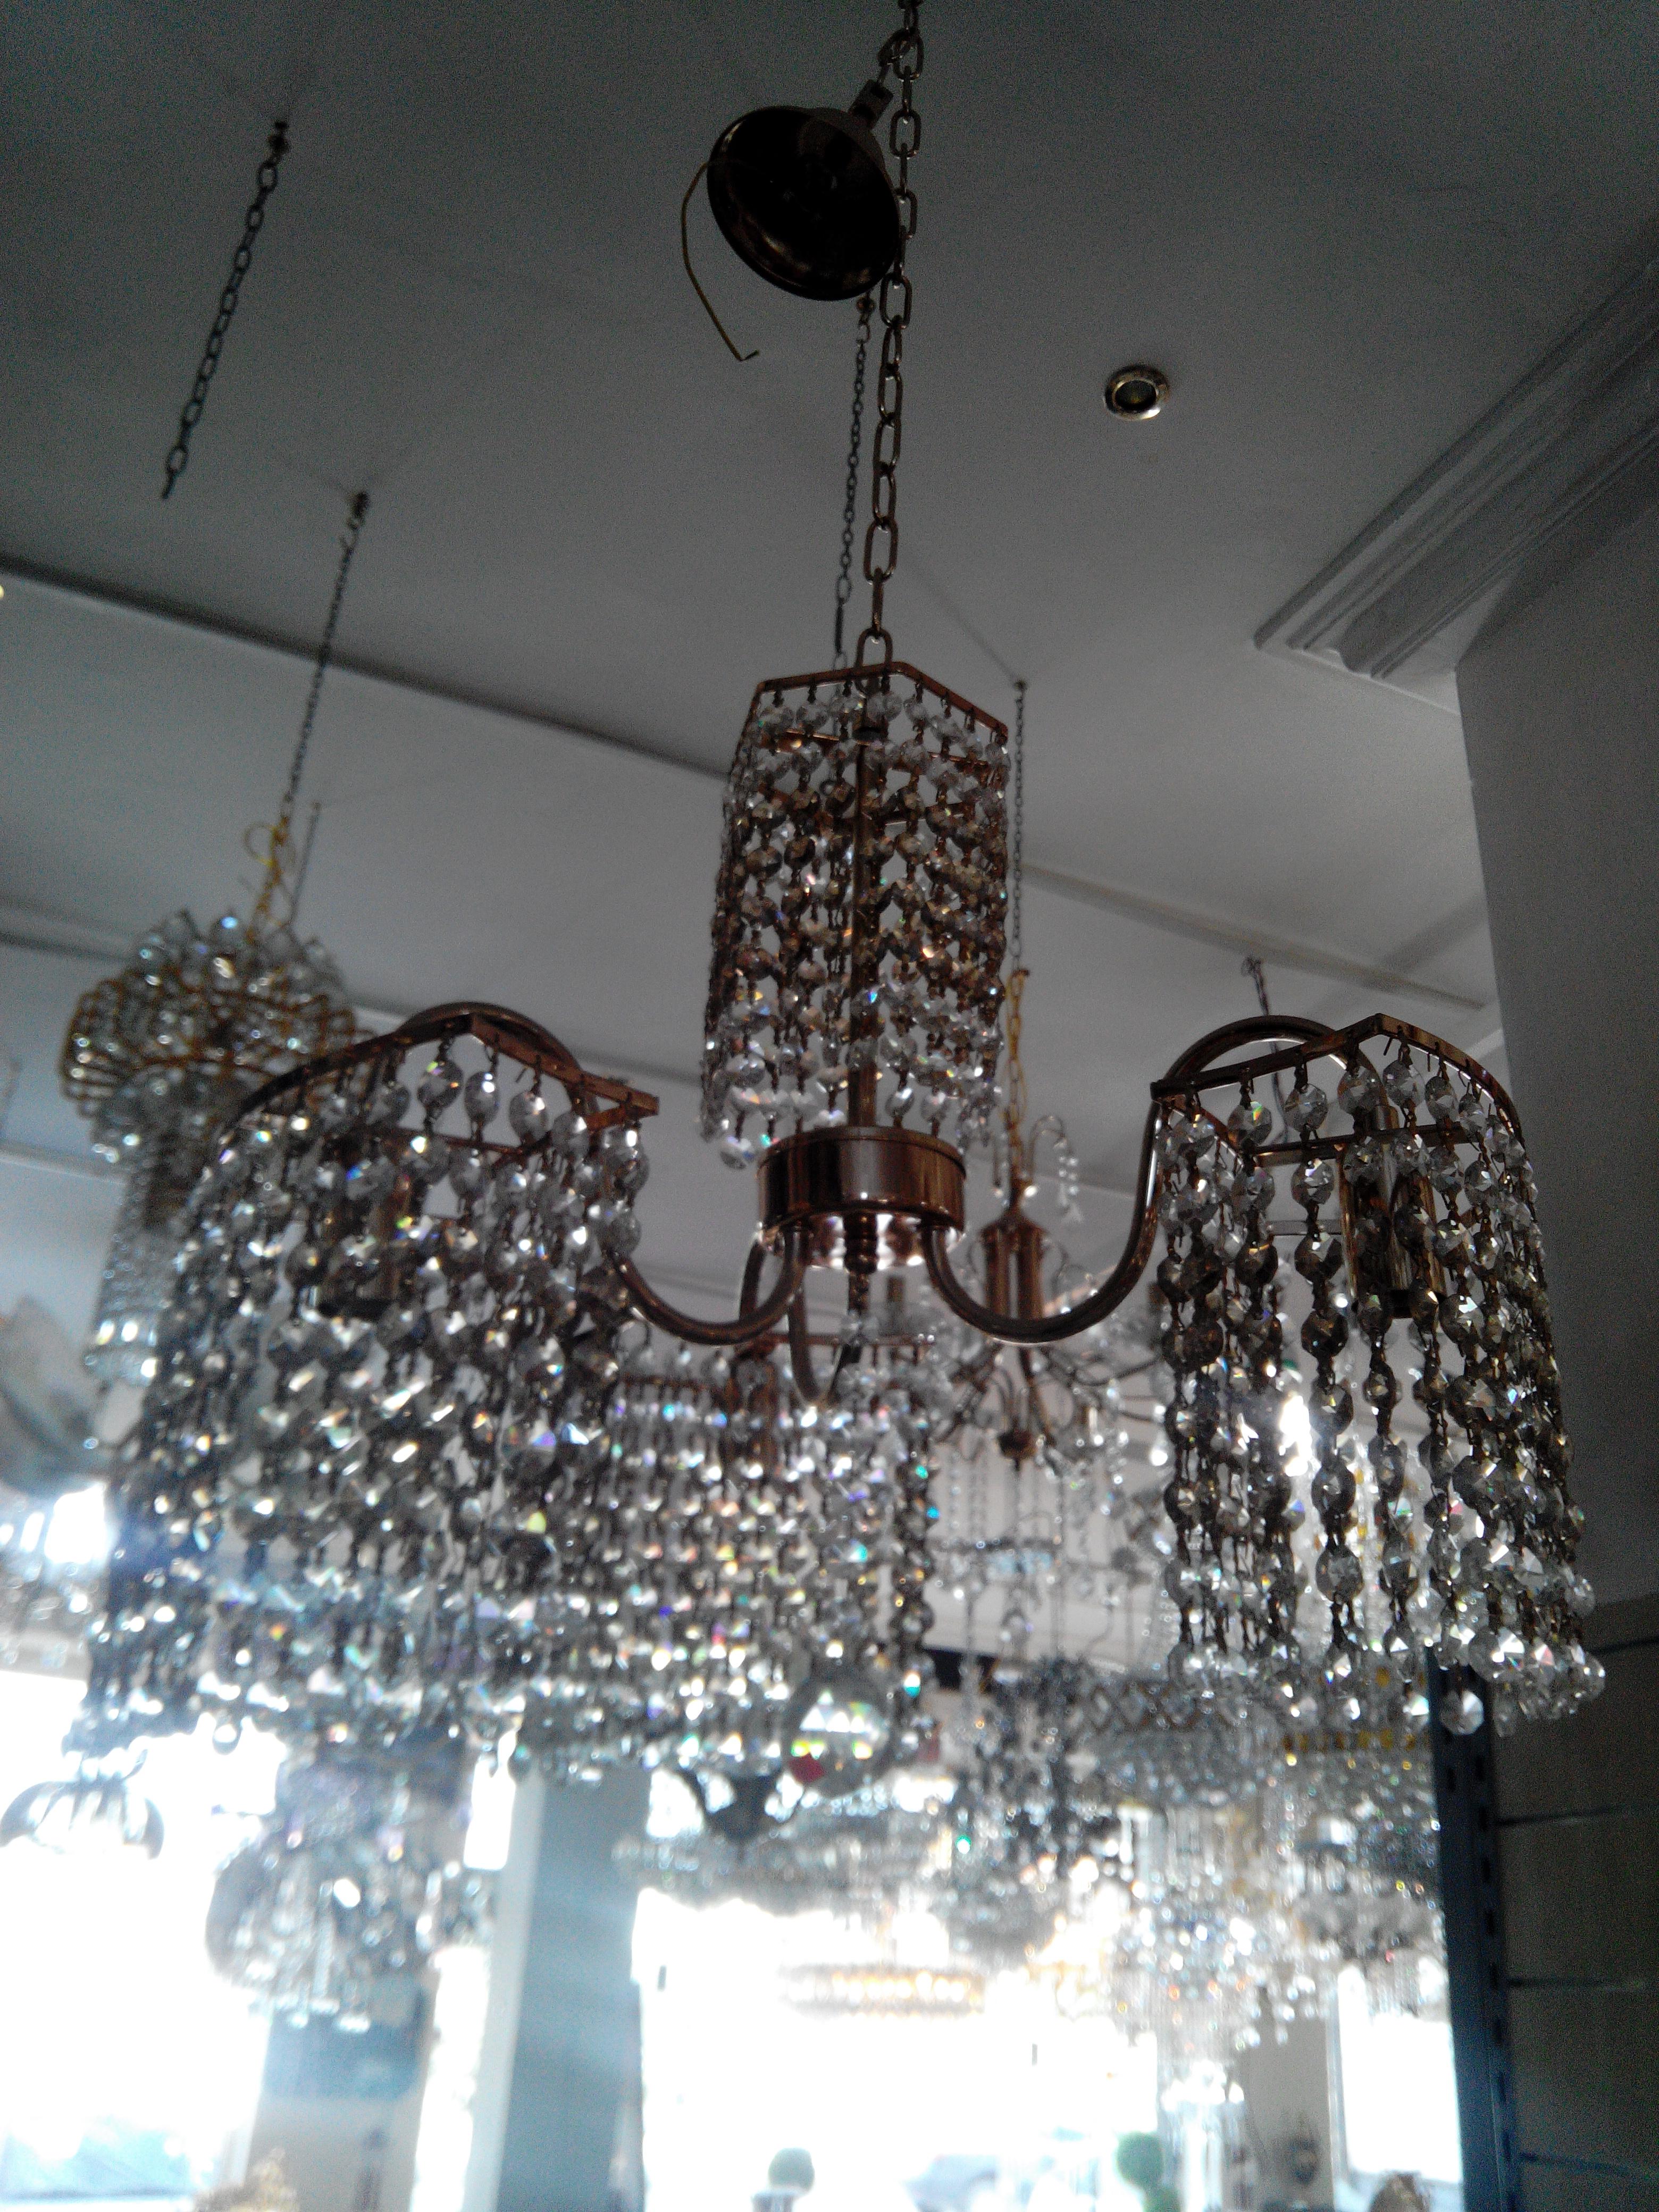 Lustre Boule Cristal Uac La Pice Moderne Circulaire Salon Salle